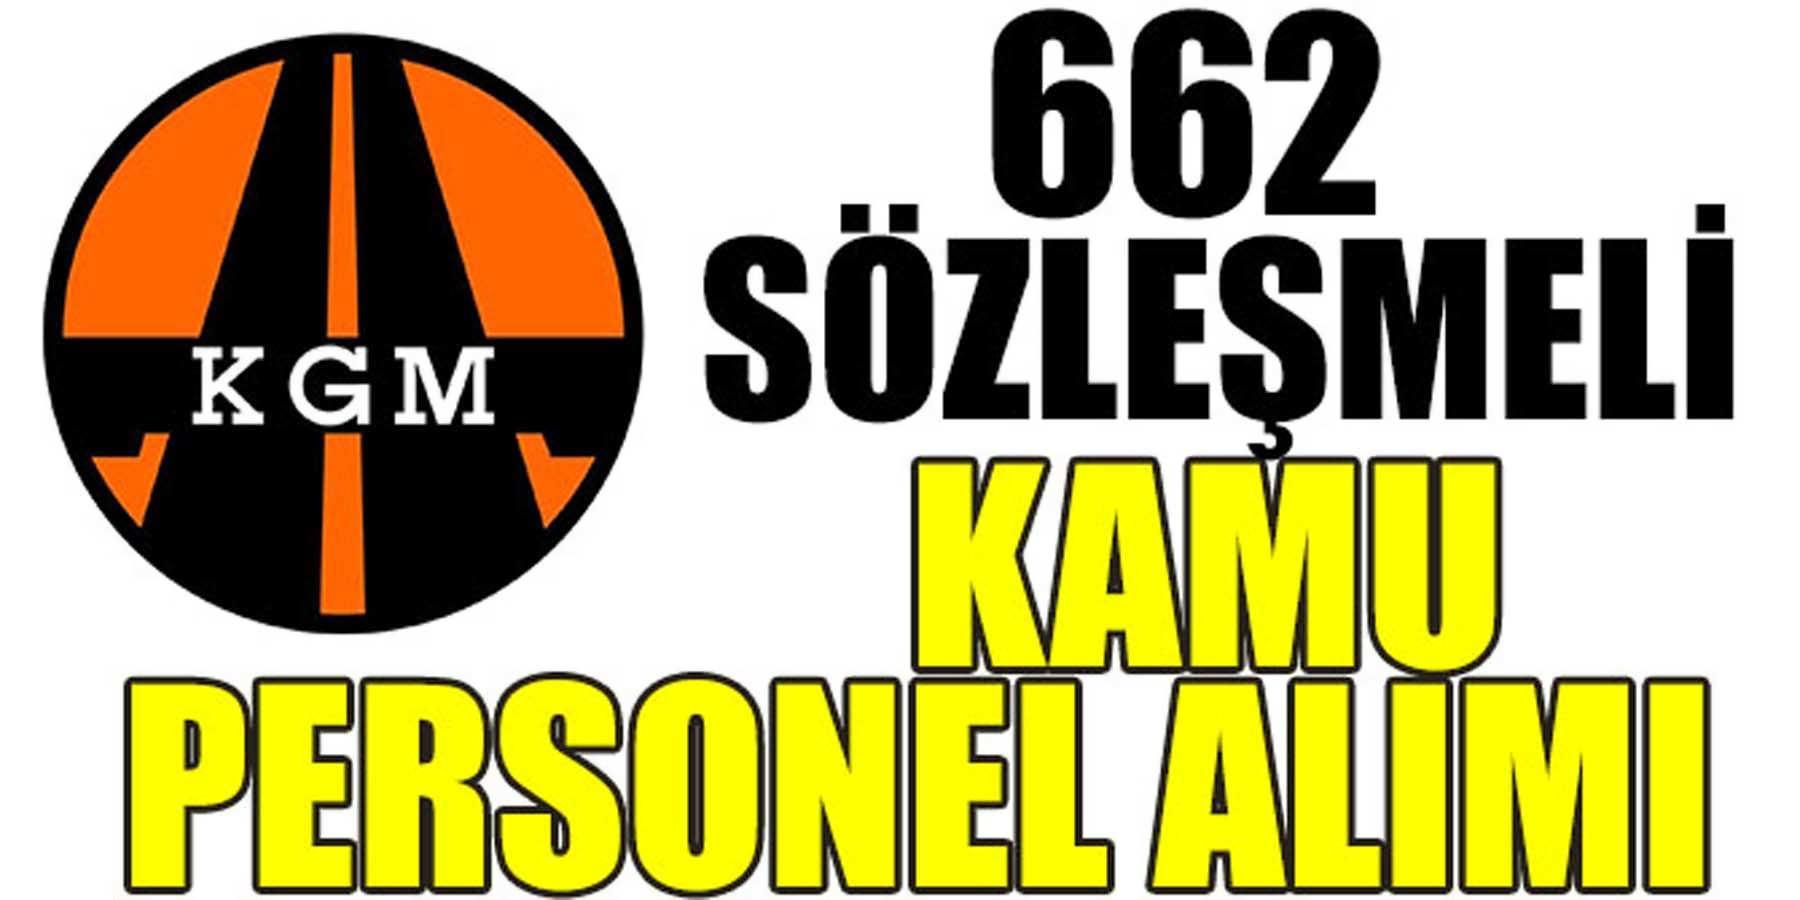 Karayolları Genel Müdürlüğü 662 Sözleşmeli Personel Alımı